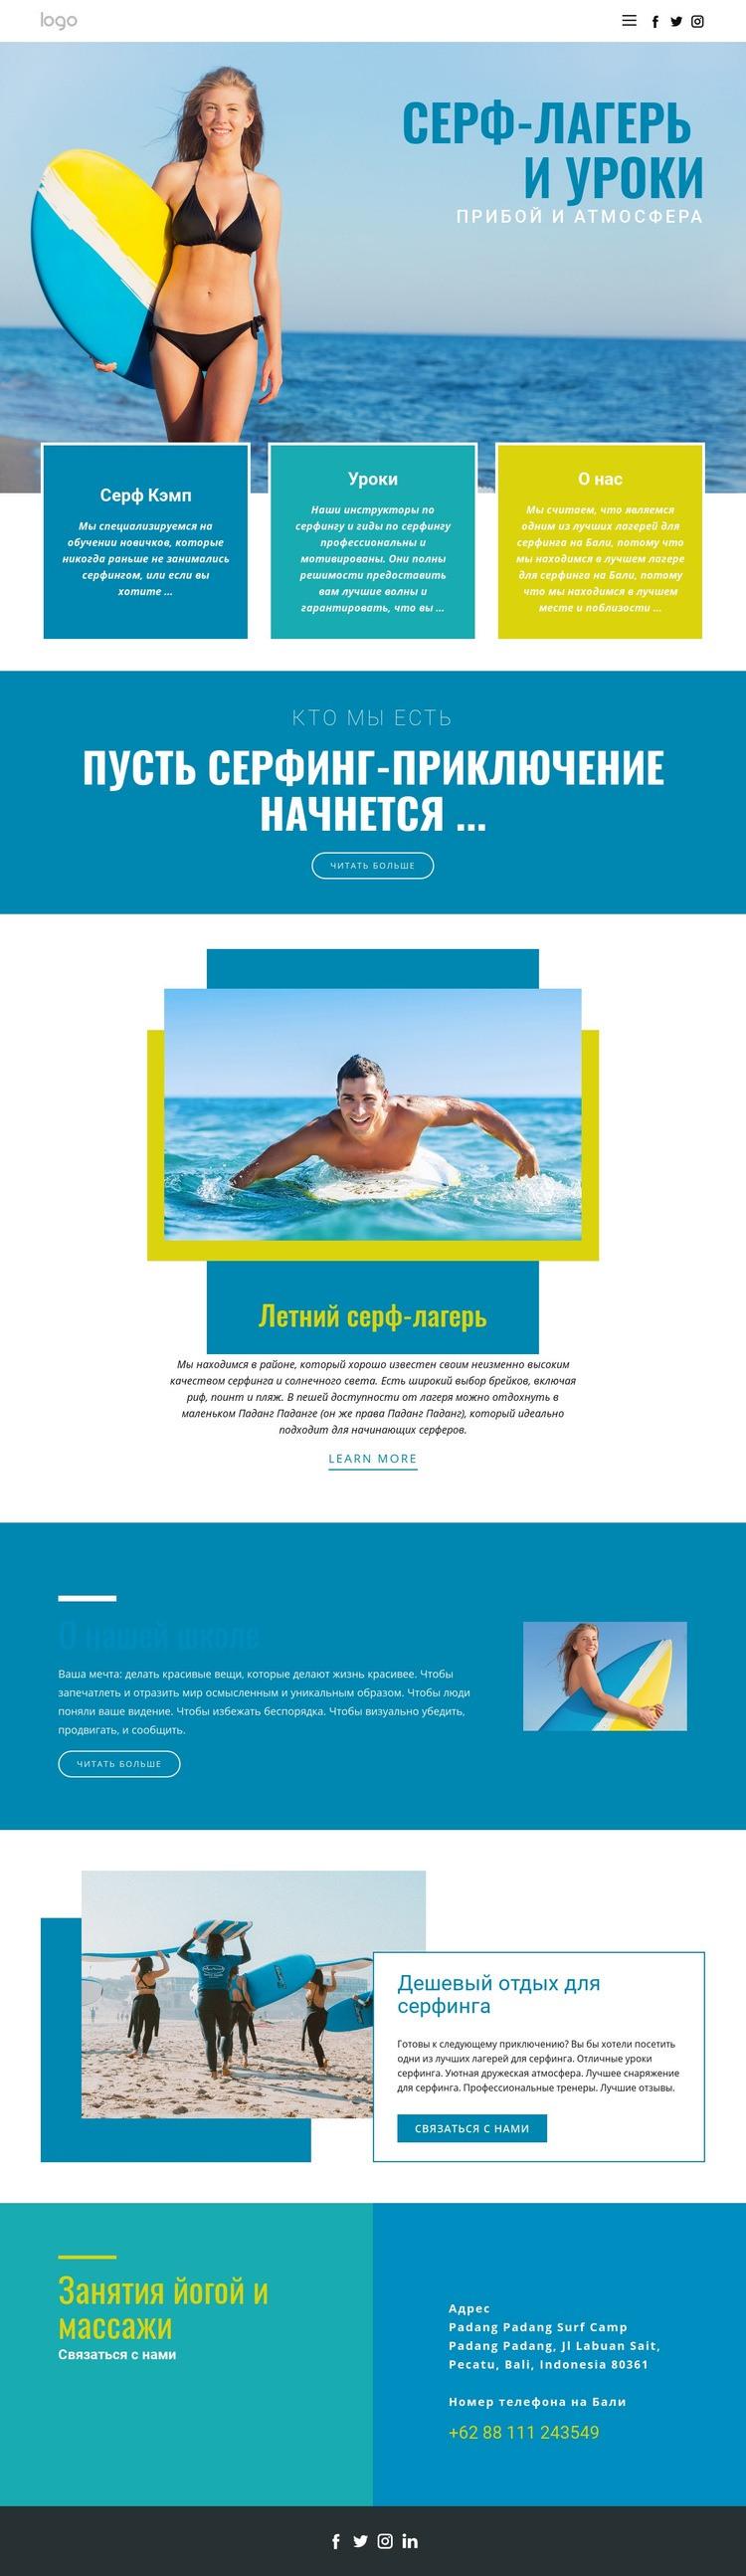 Лагерь для летних видов спорта Шаблон веб-сайта